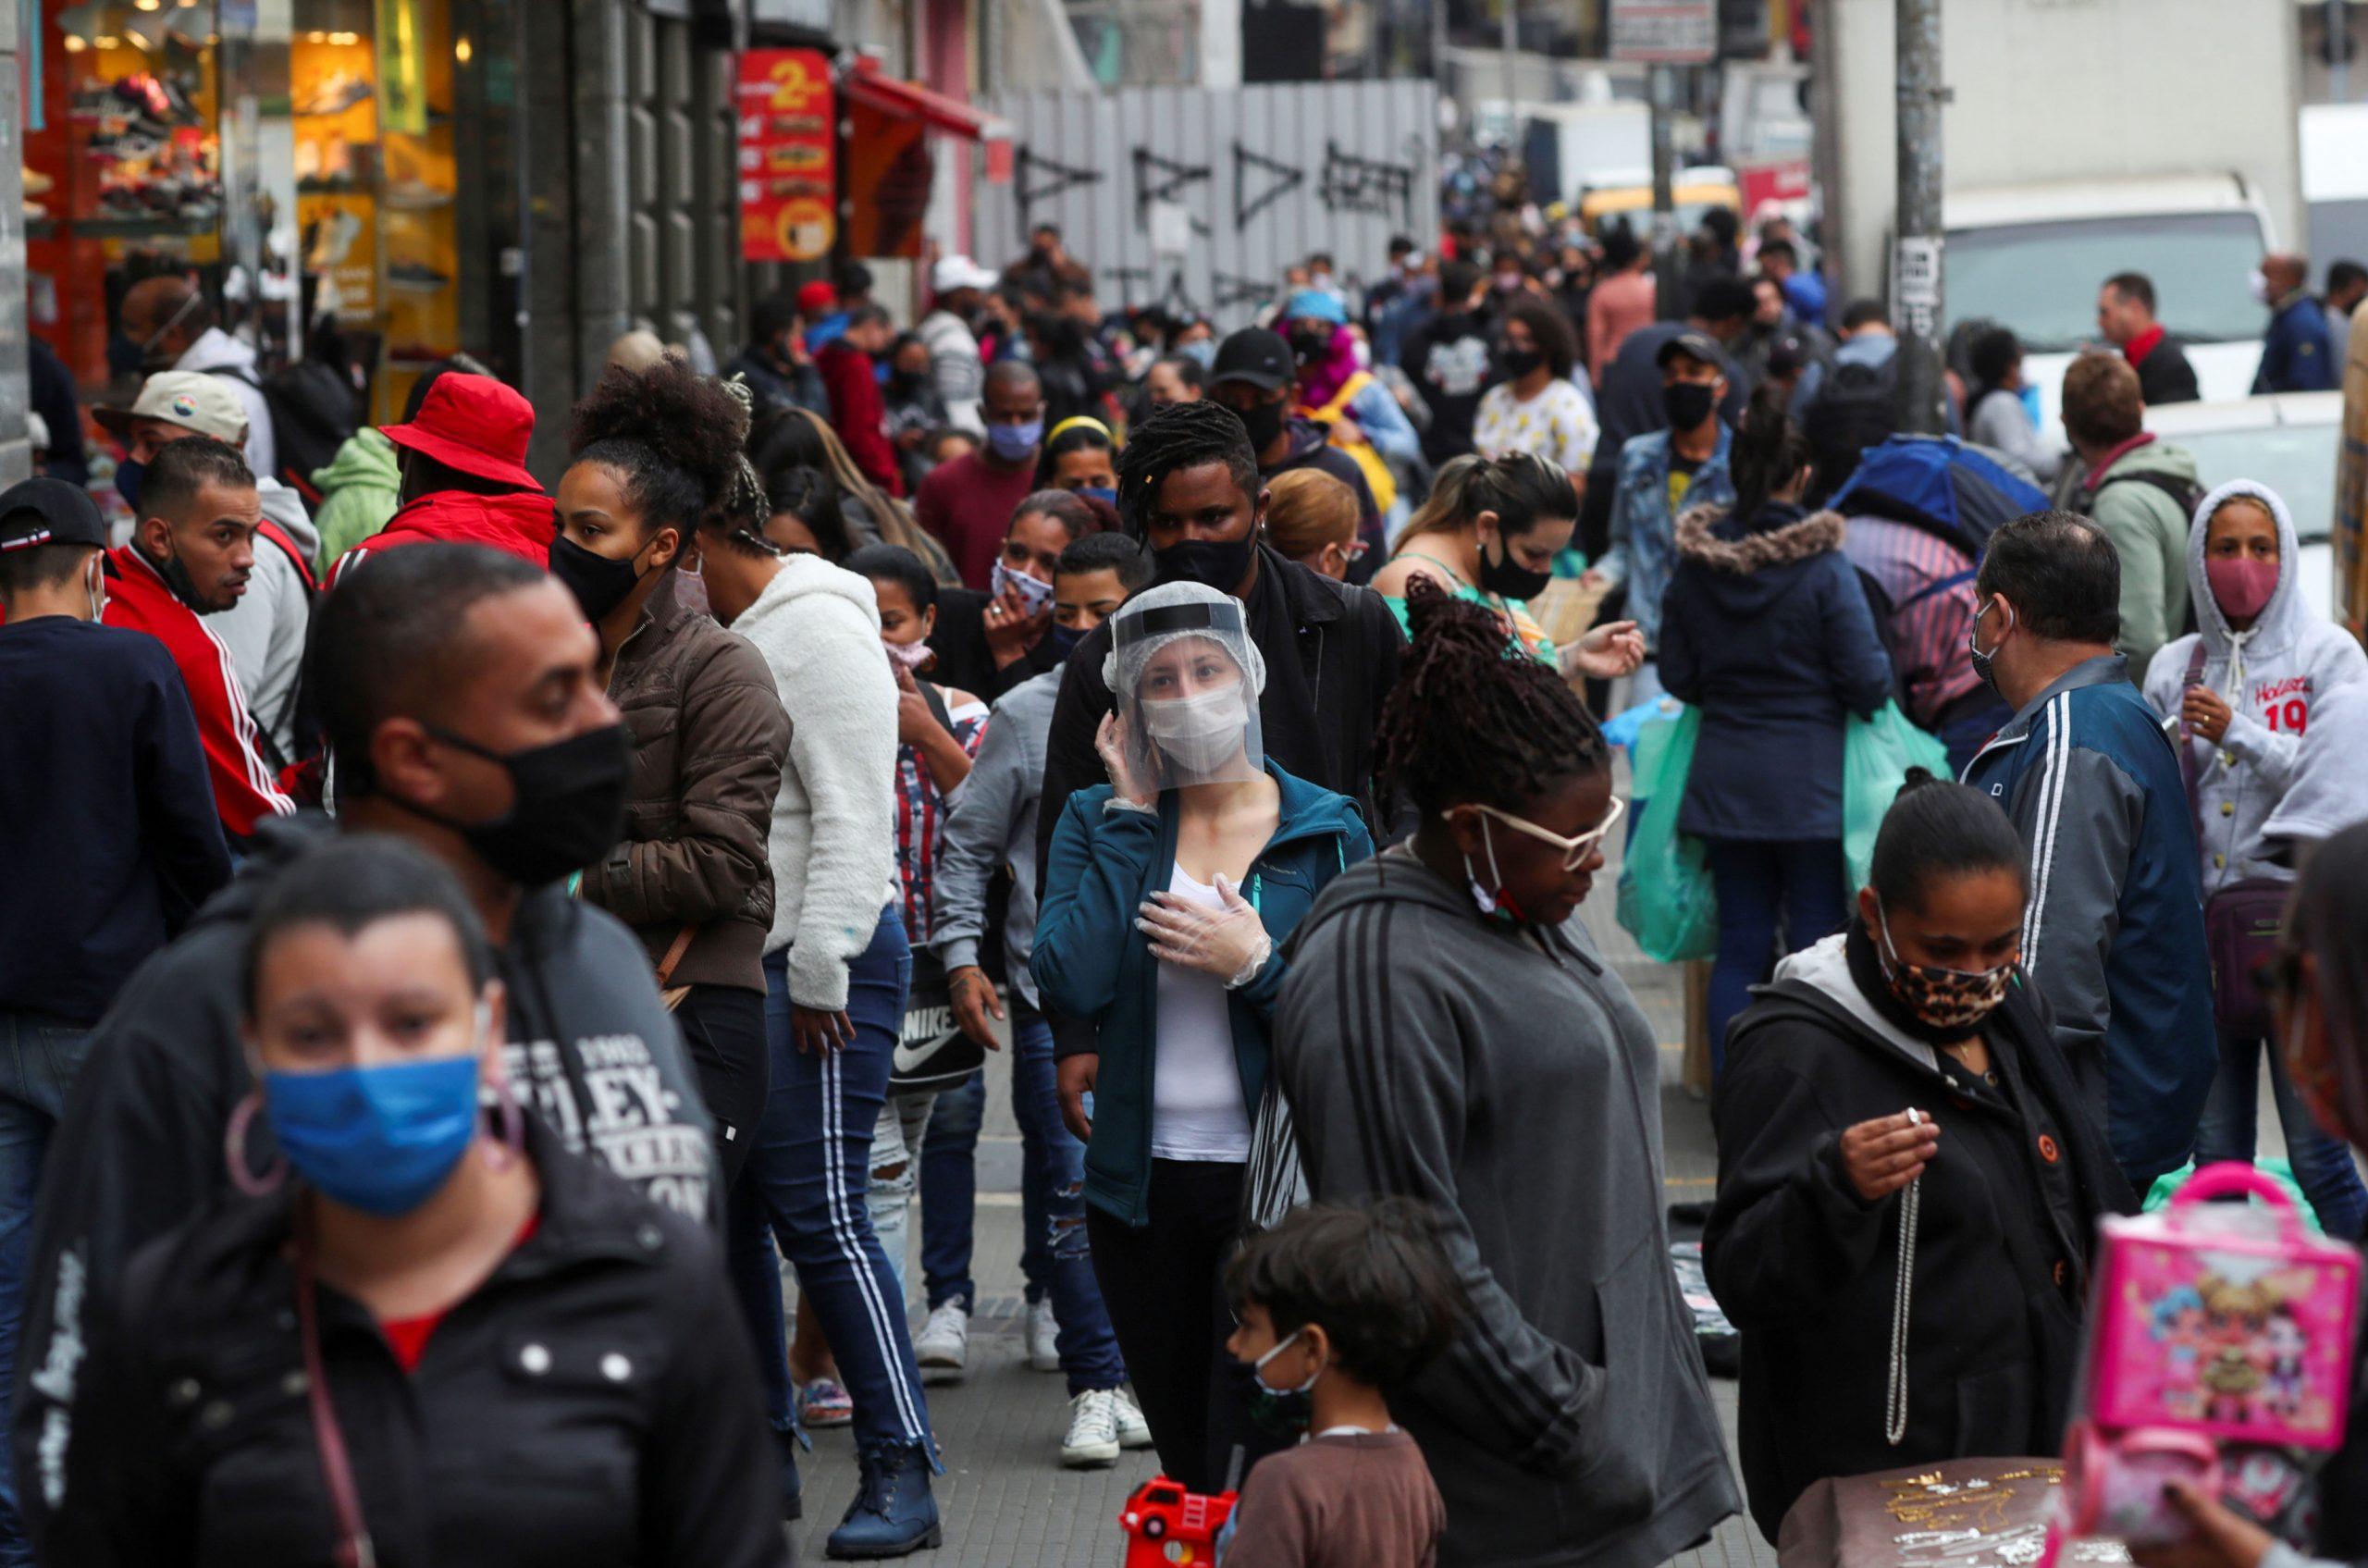 Com reformas, economia pode crescer 3,5% ao ano até 2031